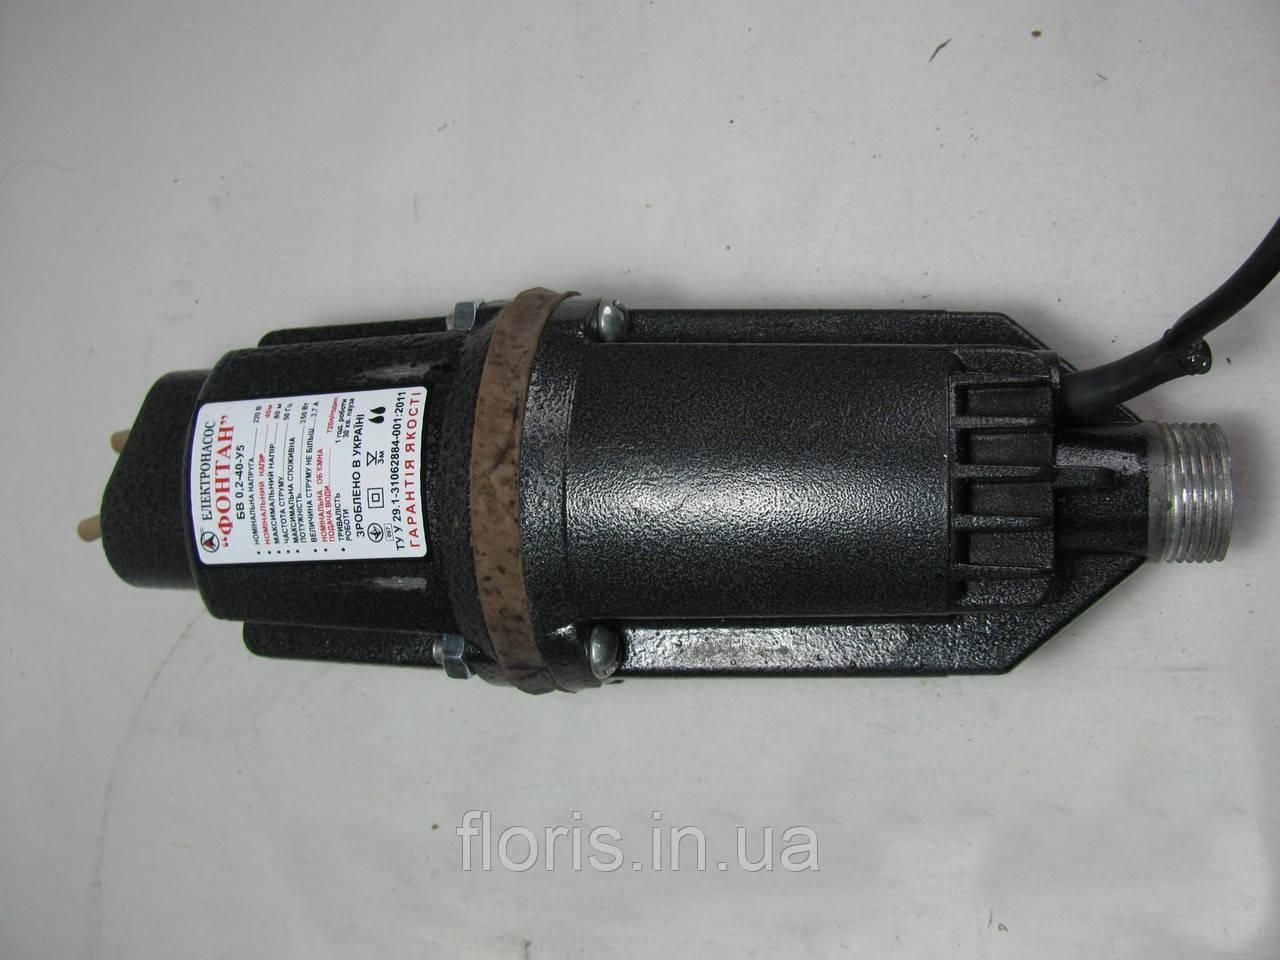 Насос Фонтан вибрационный 3 клапана(Харьков)